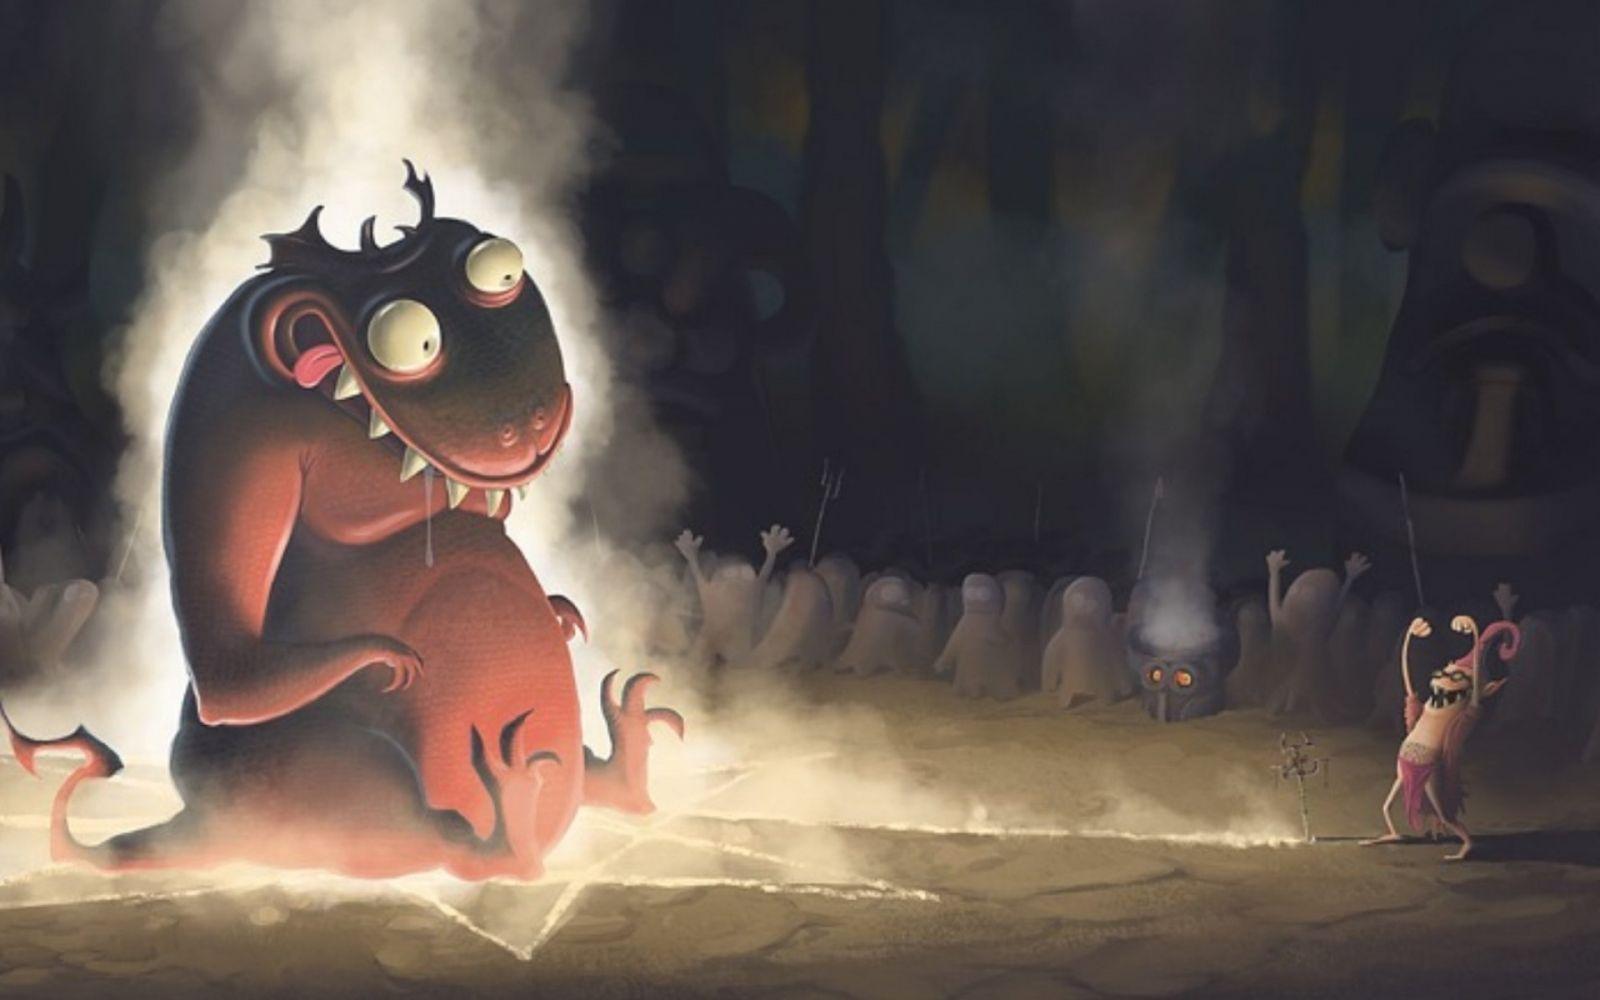 Приколы картинки демон, крутые картинки